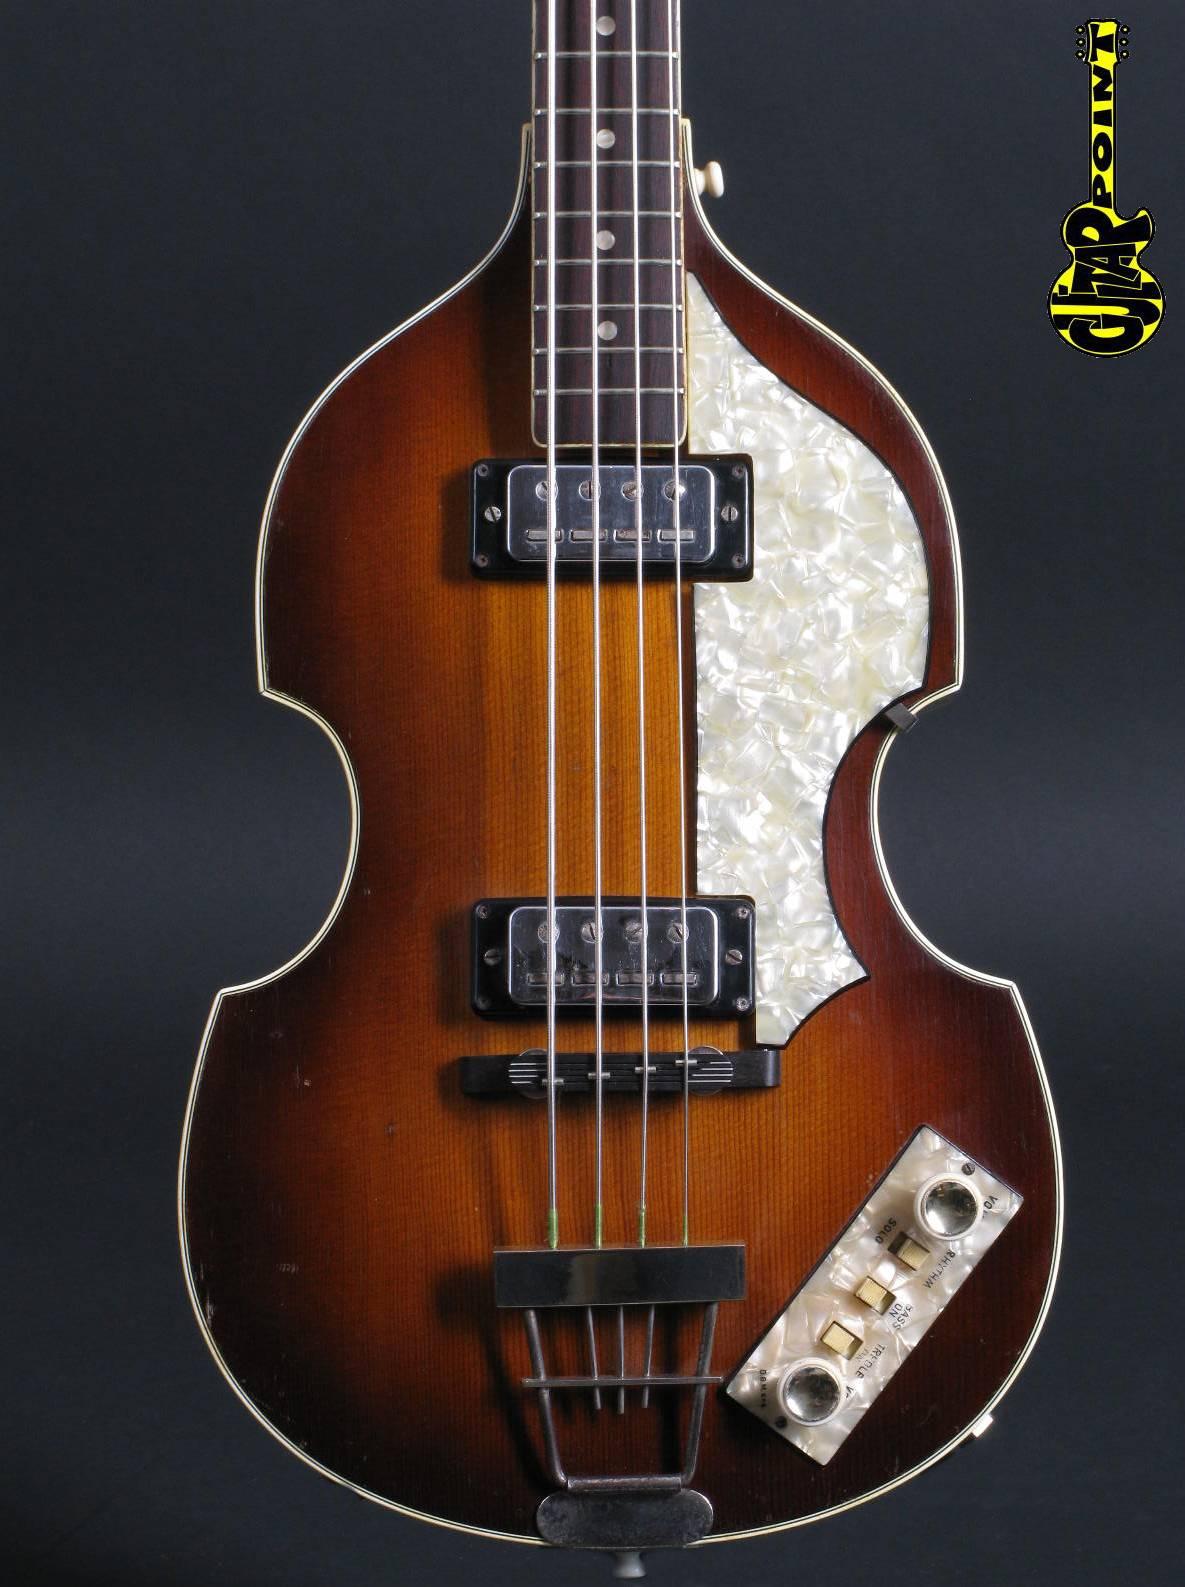 hofner 500 1 beatles bass 1965 sunburst bass for sale guitarpoint. Black Bedroom Furniture Sets. Home Design Ideas